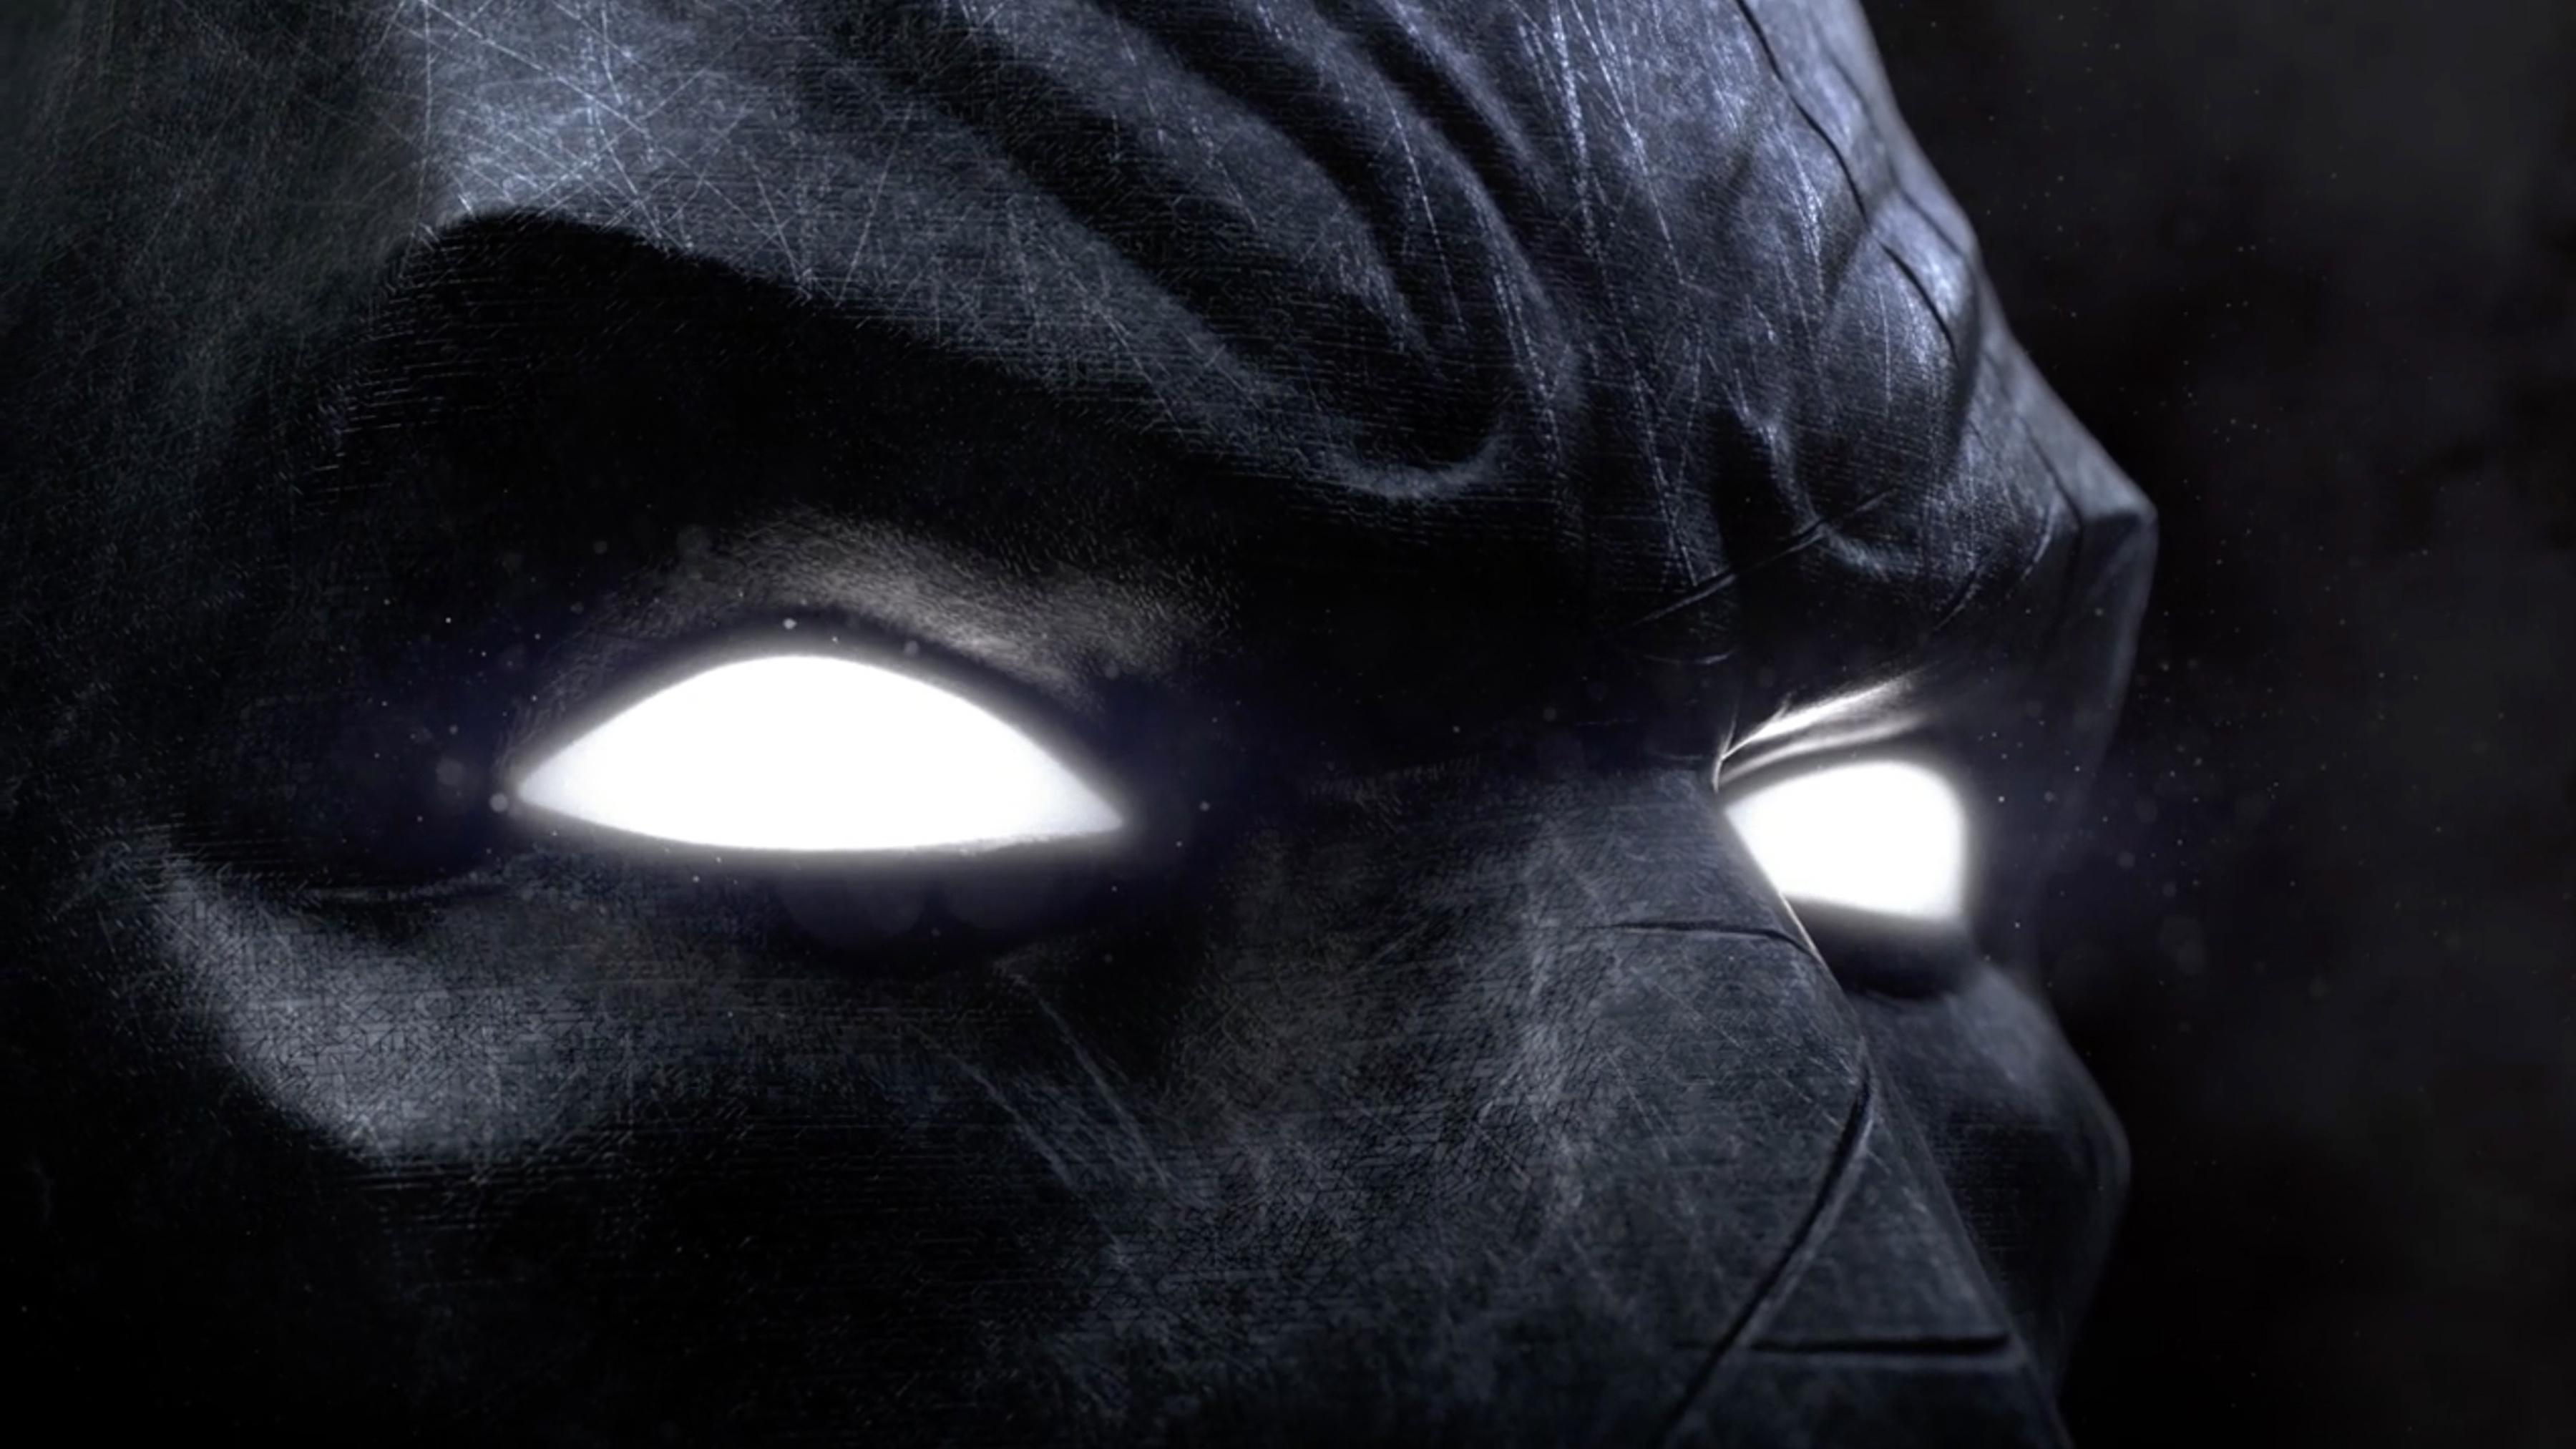 Бэтмен Arkham ВР. обои скачать